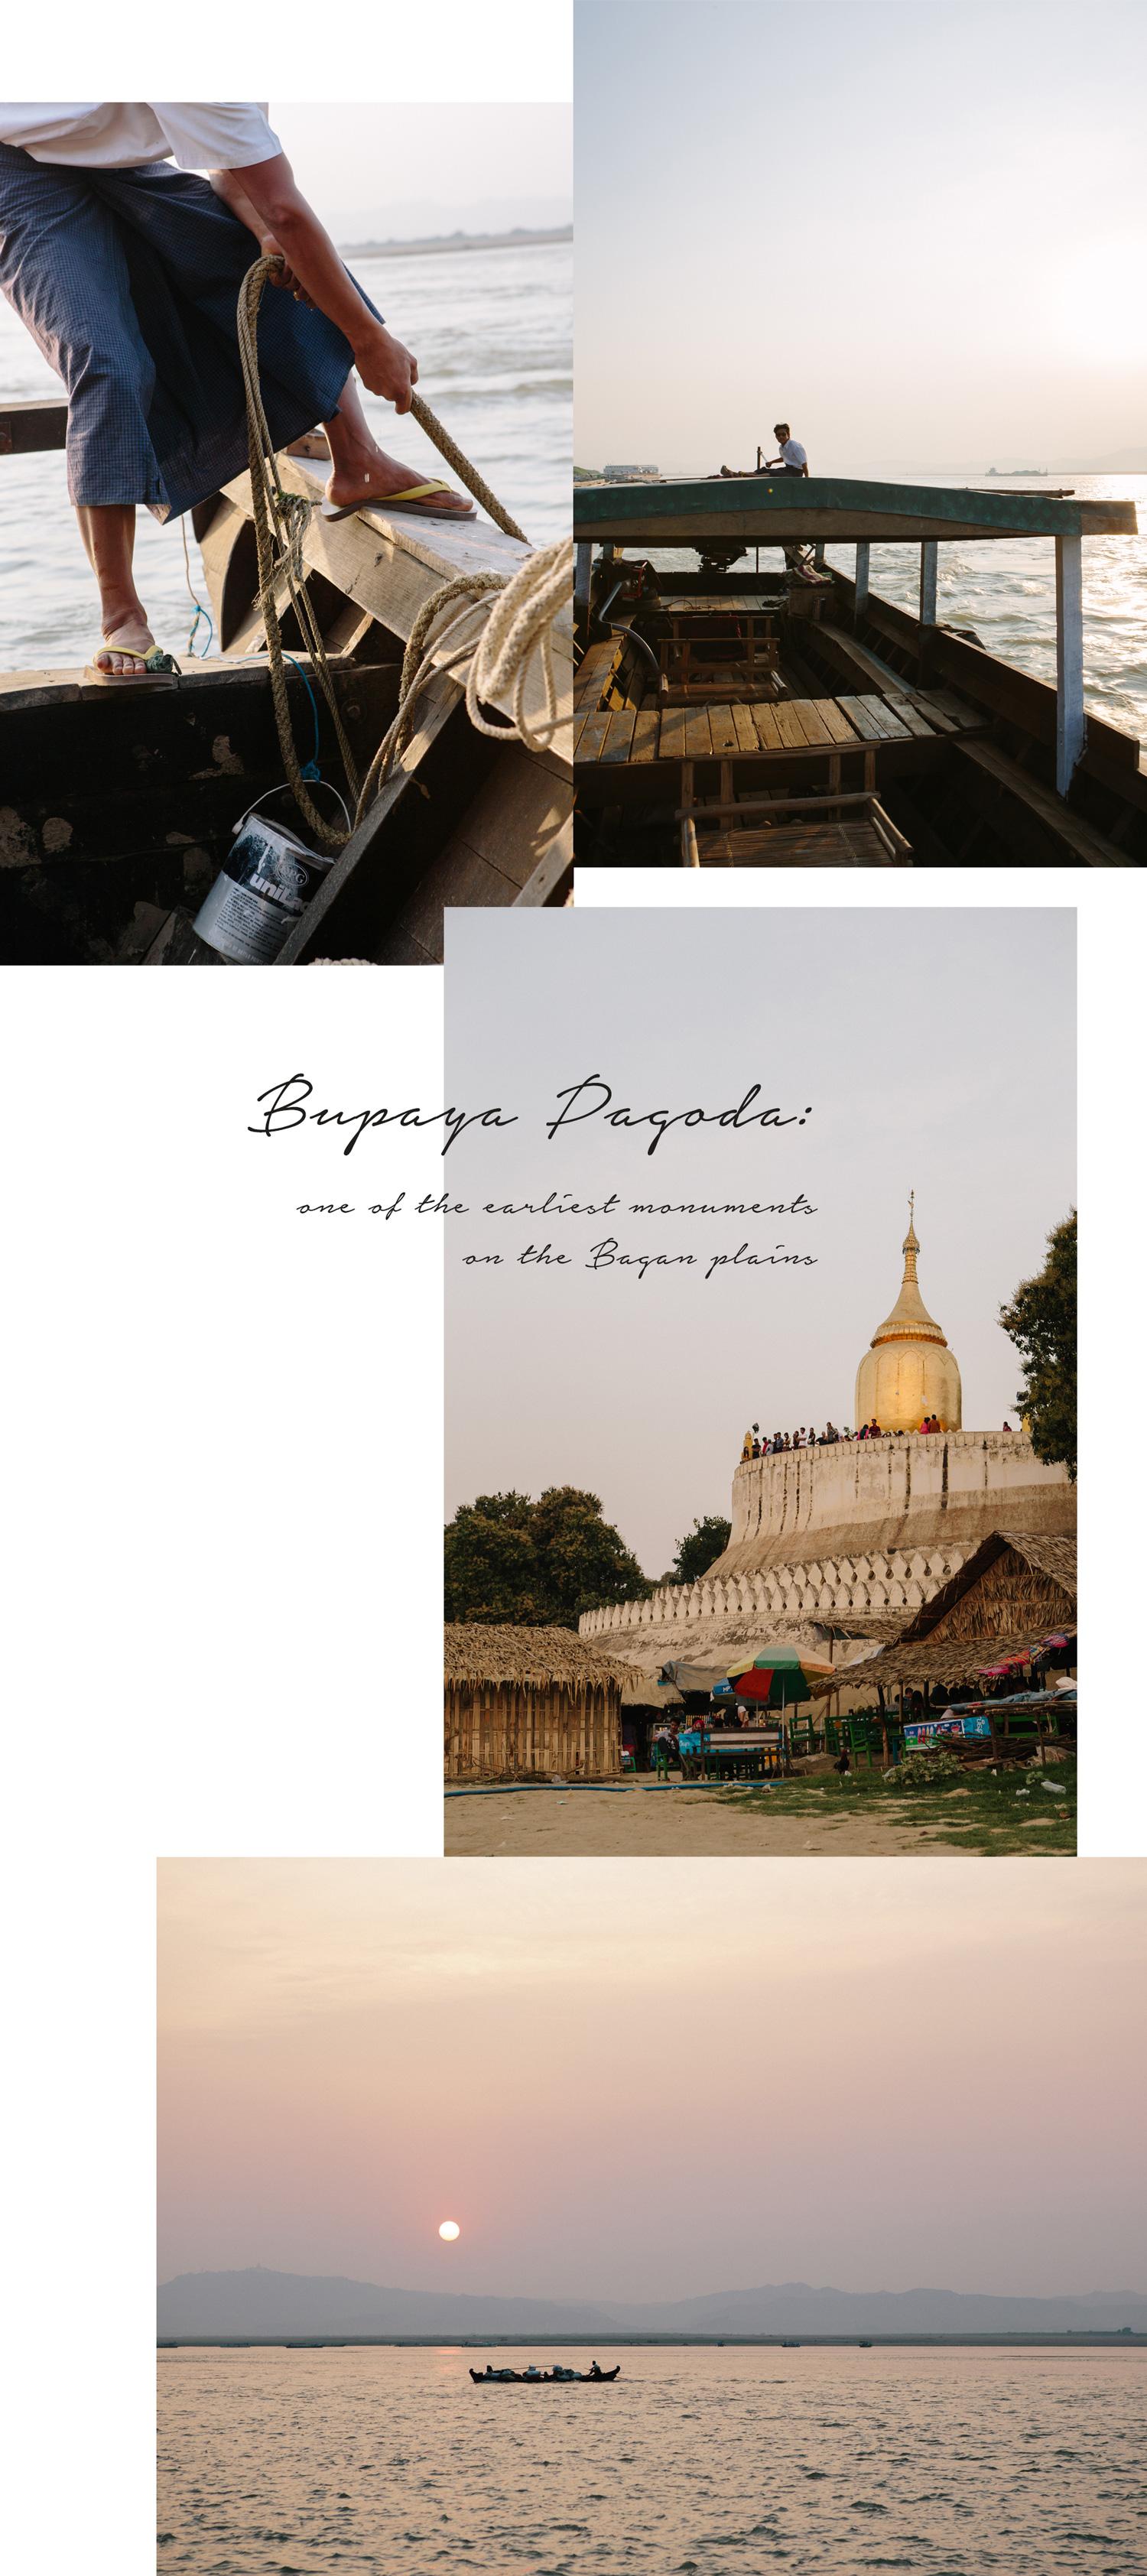 Bagan_sunset_river_cruise_Irrawaddy_boat_Bupaya-pagoda